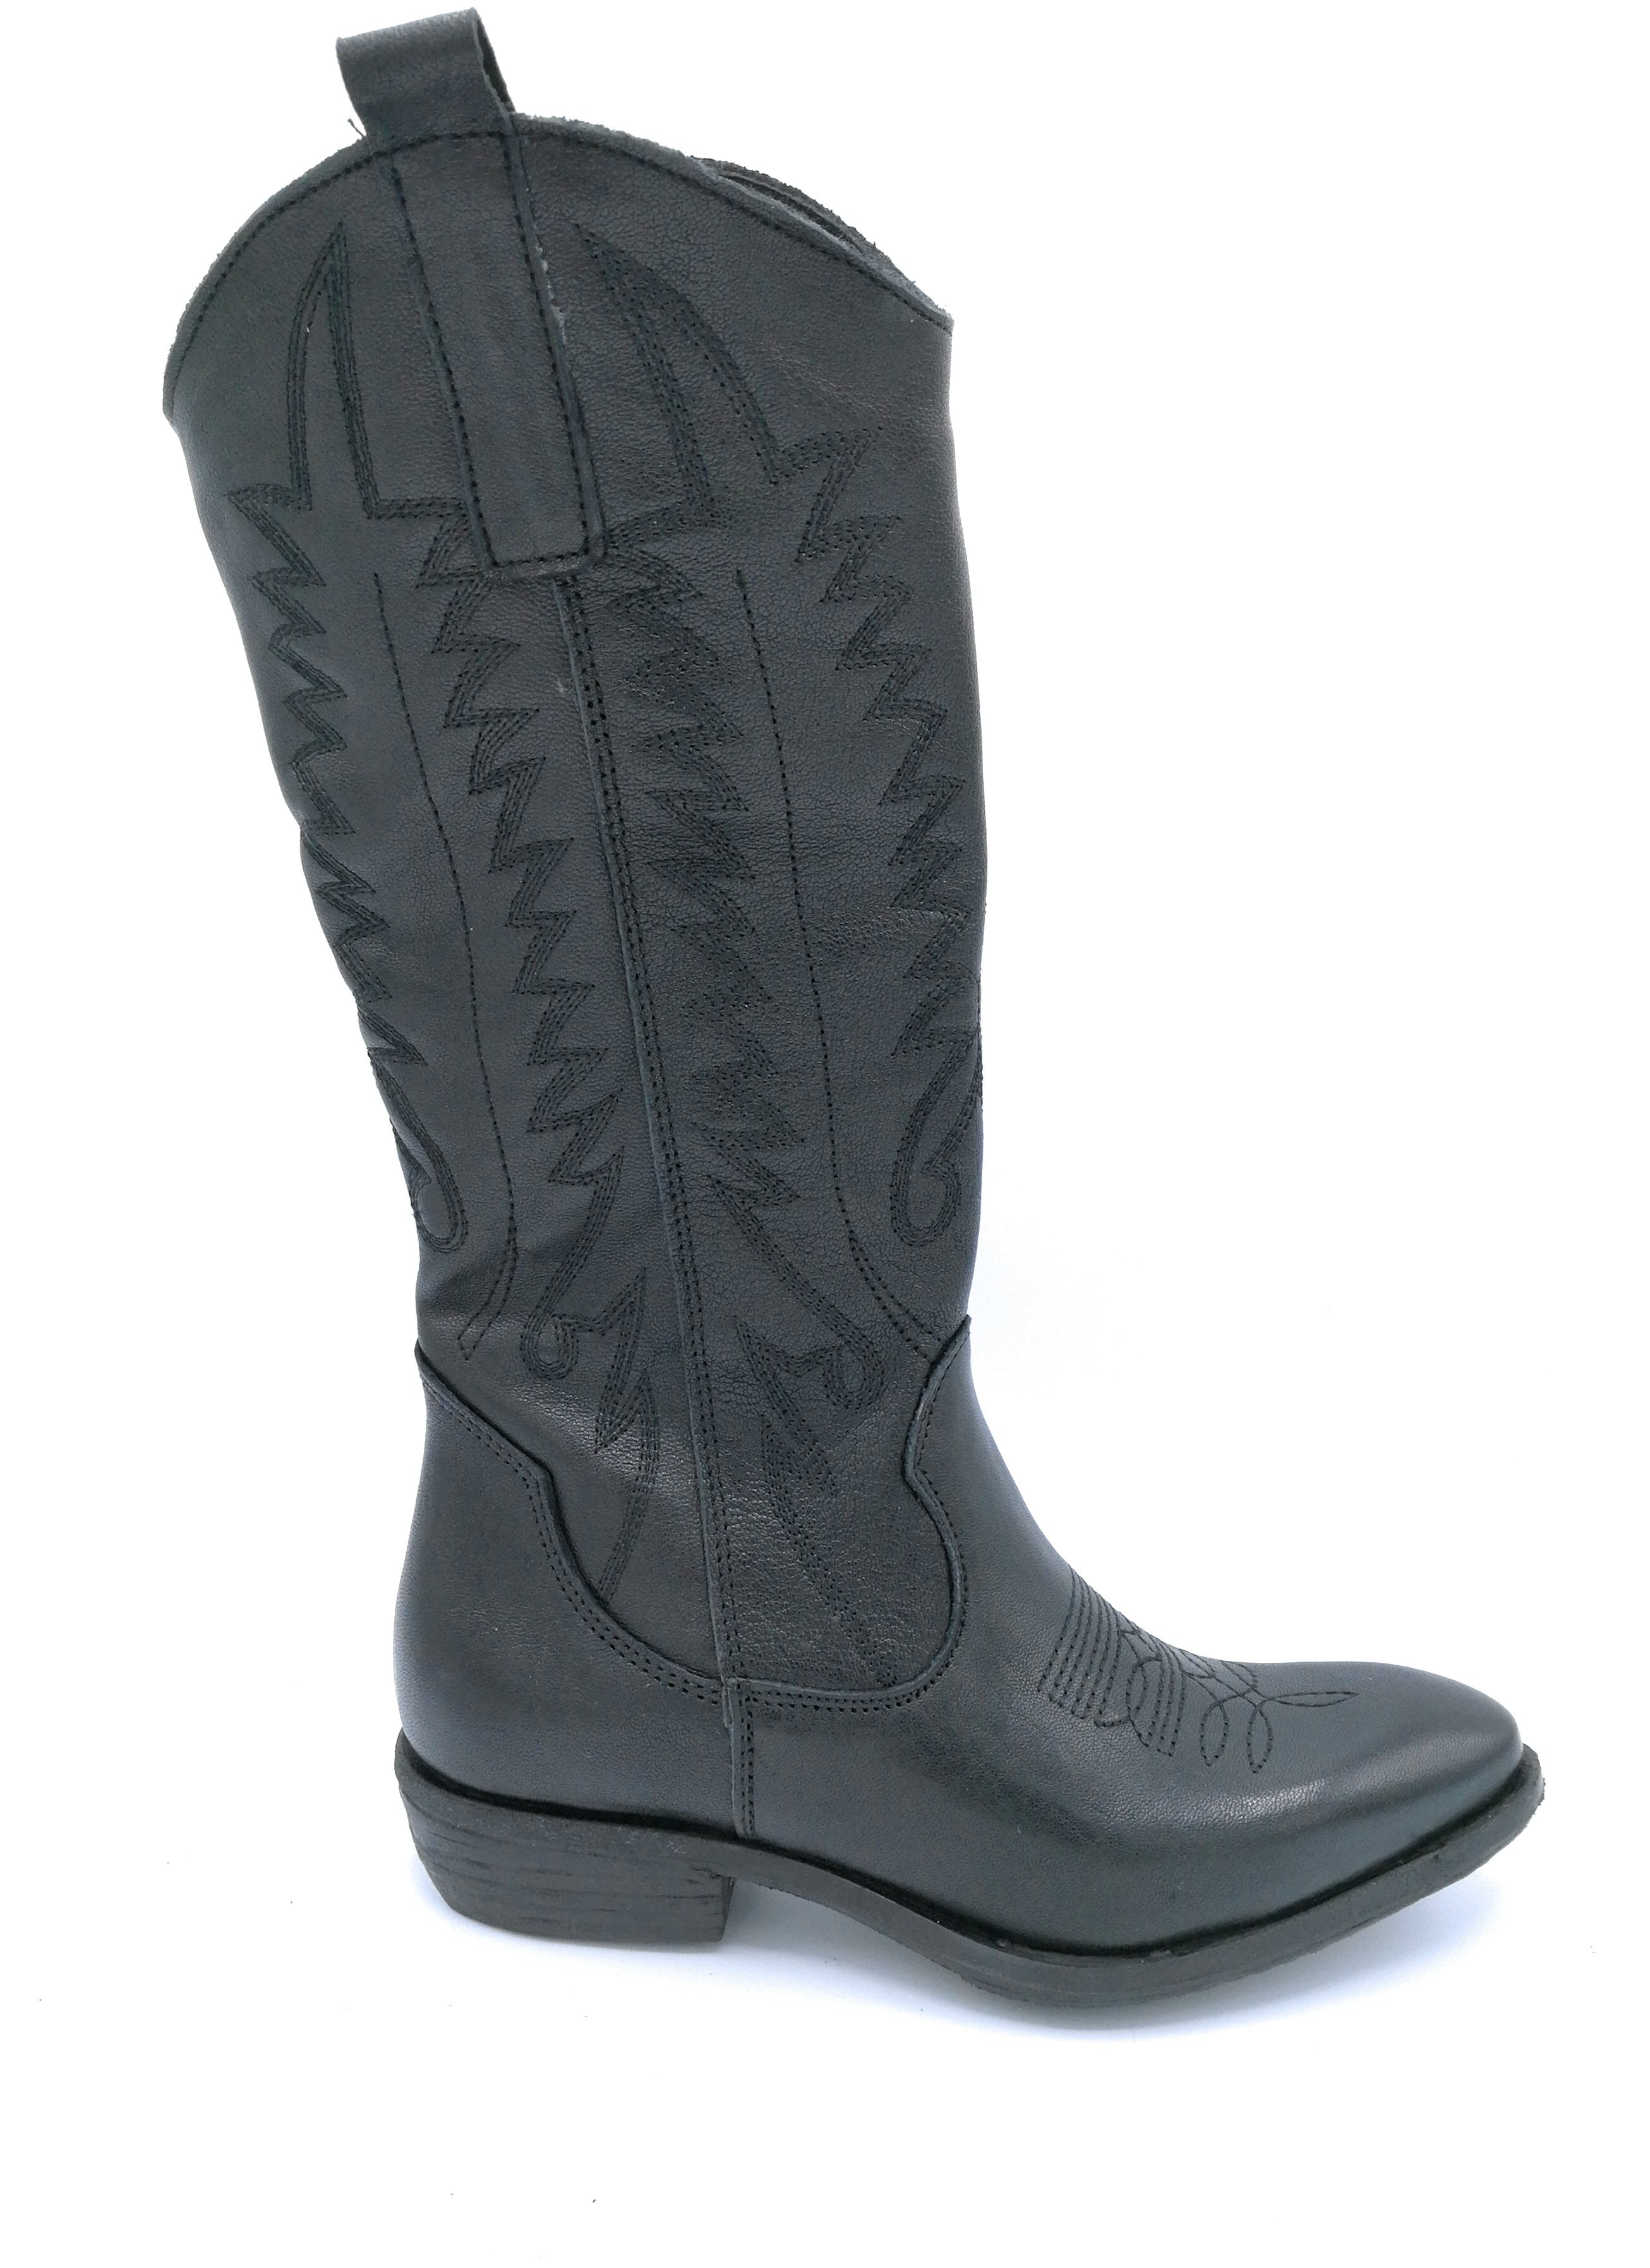 Ovye MS75 Kruste Stiefel Texanisch Kruste MS75 schwarz mit Stickerei 966fef